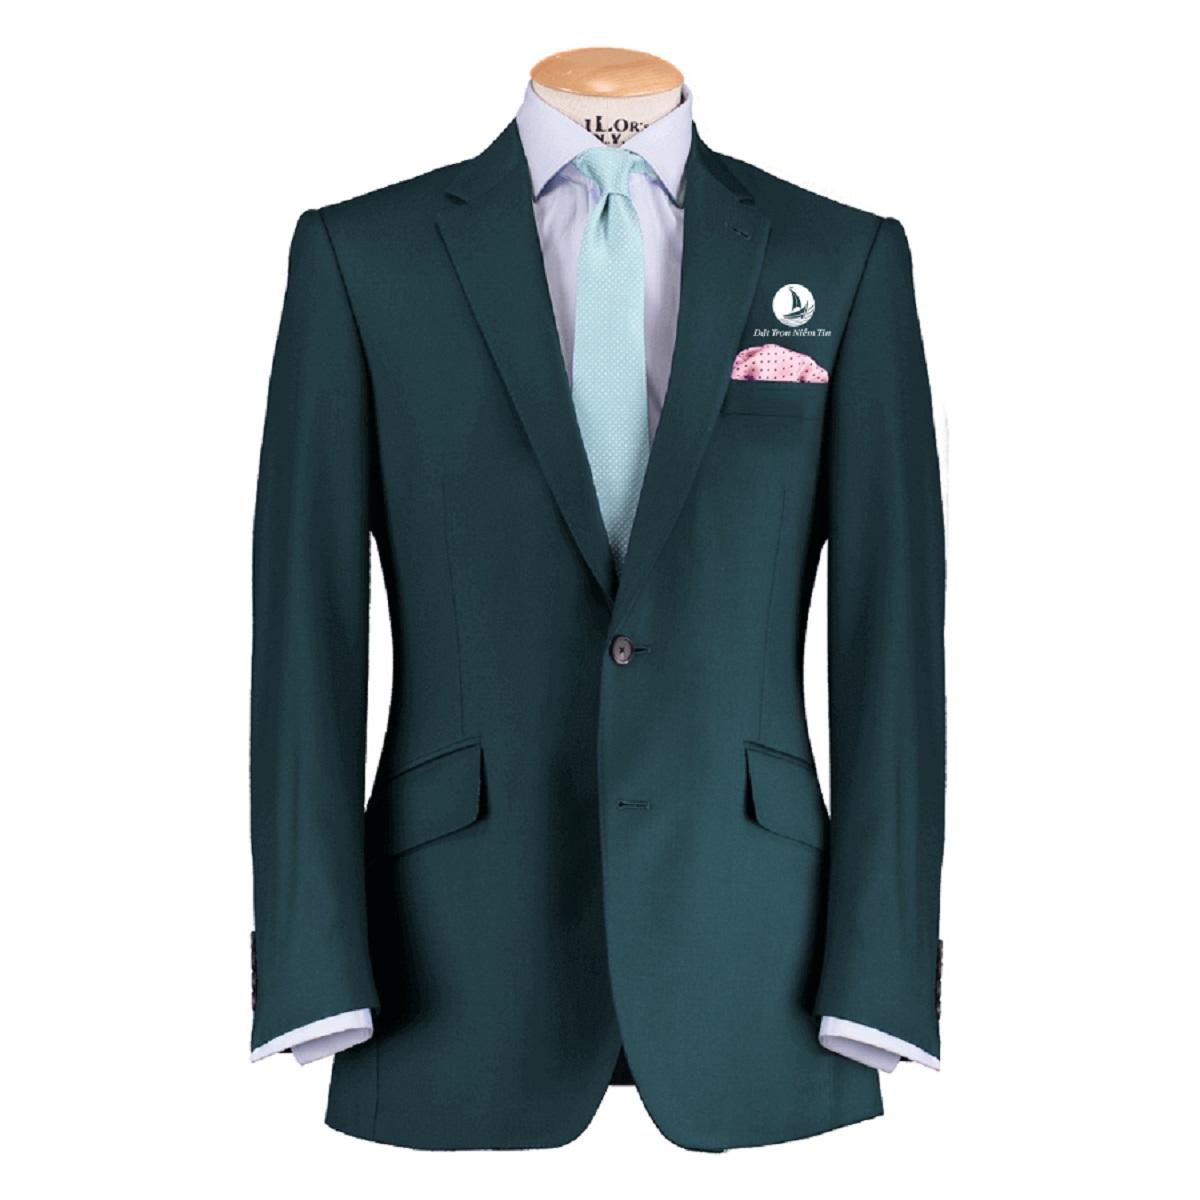 Mẫu áo vest nam dành cho bộ phận quản lý nhà hàng